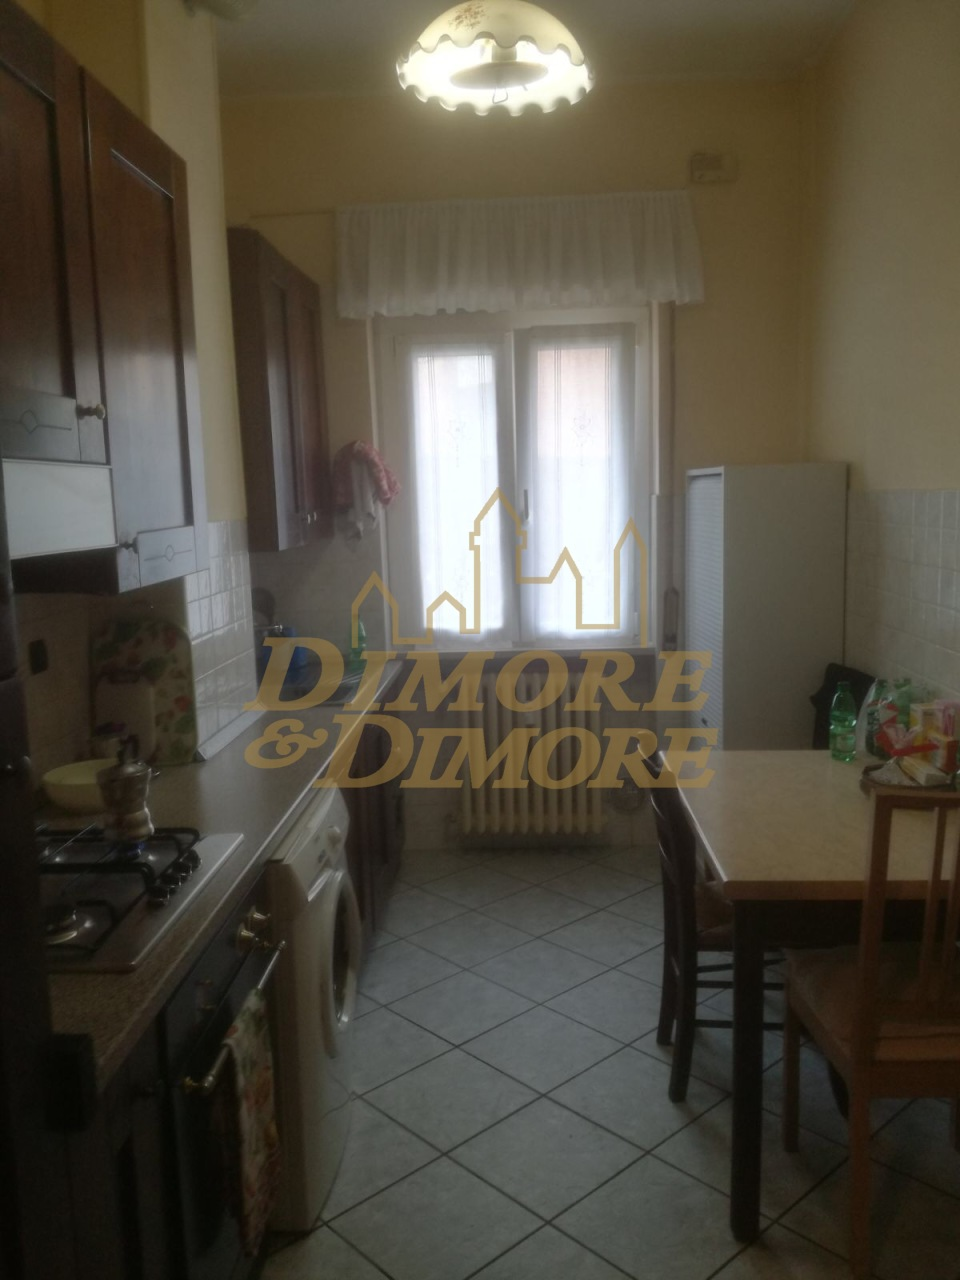 Appartamento in vendita a Verbania, 3 locali, prezzo € 98.000 | CambioCasa.it